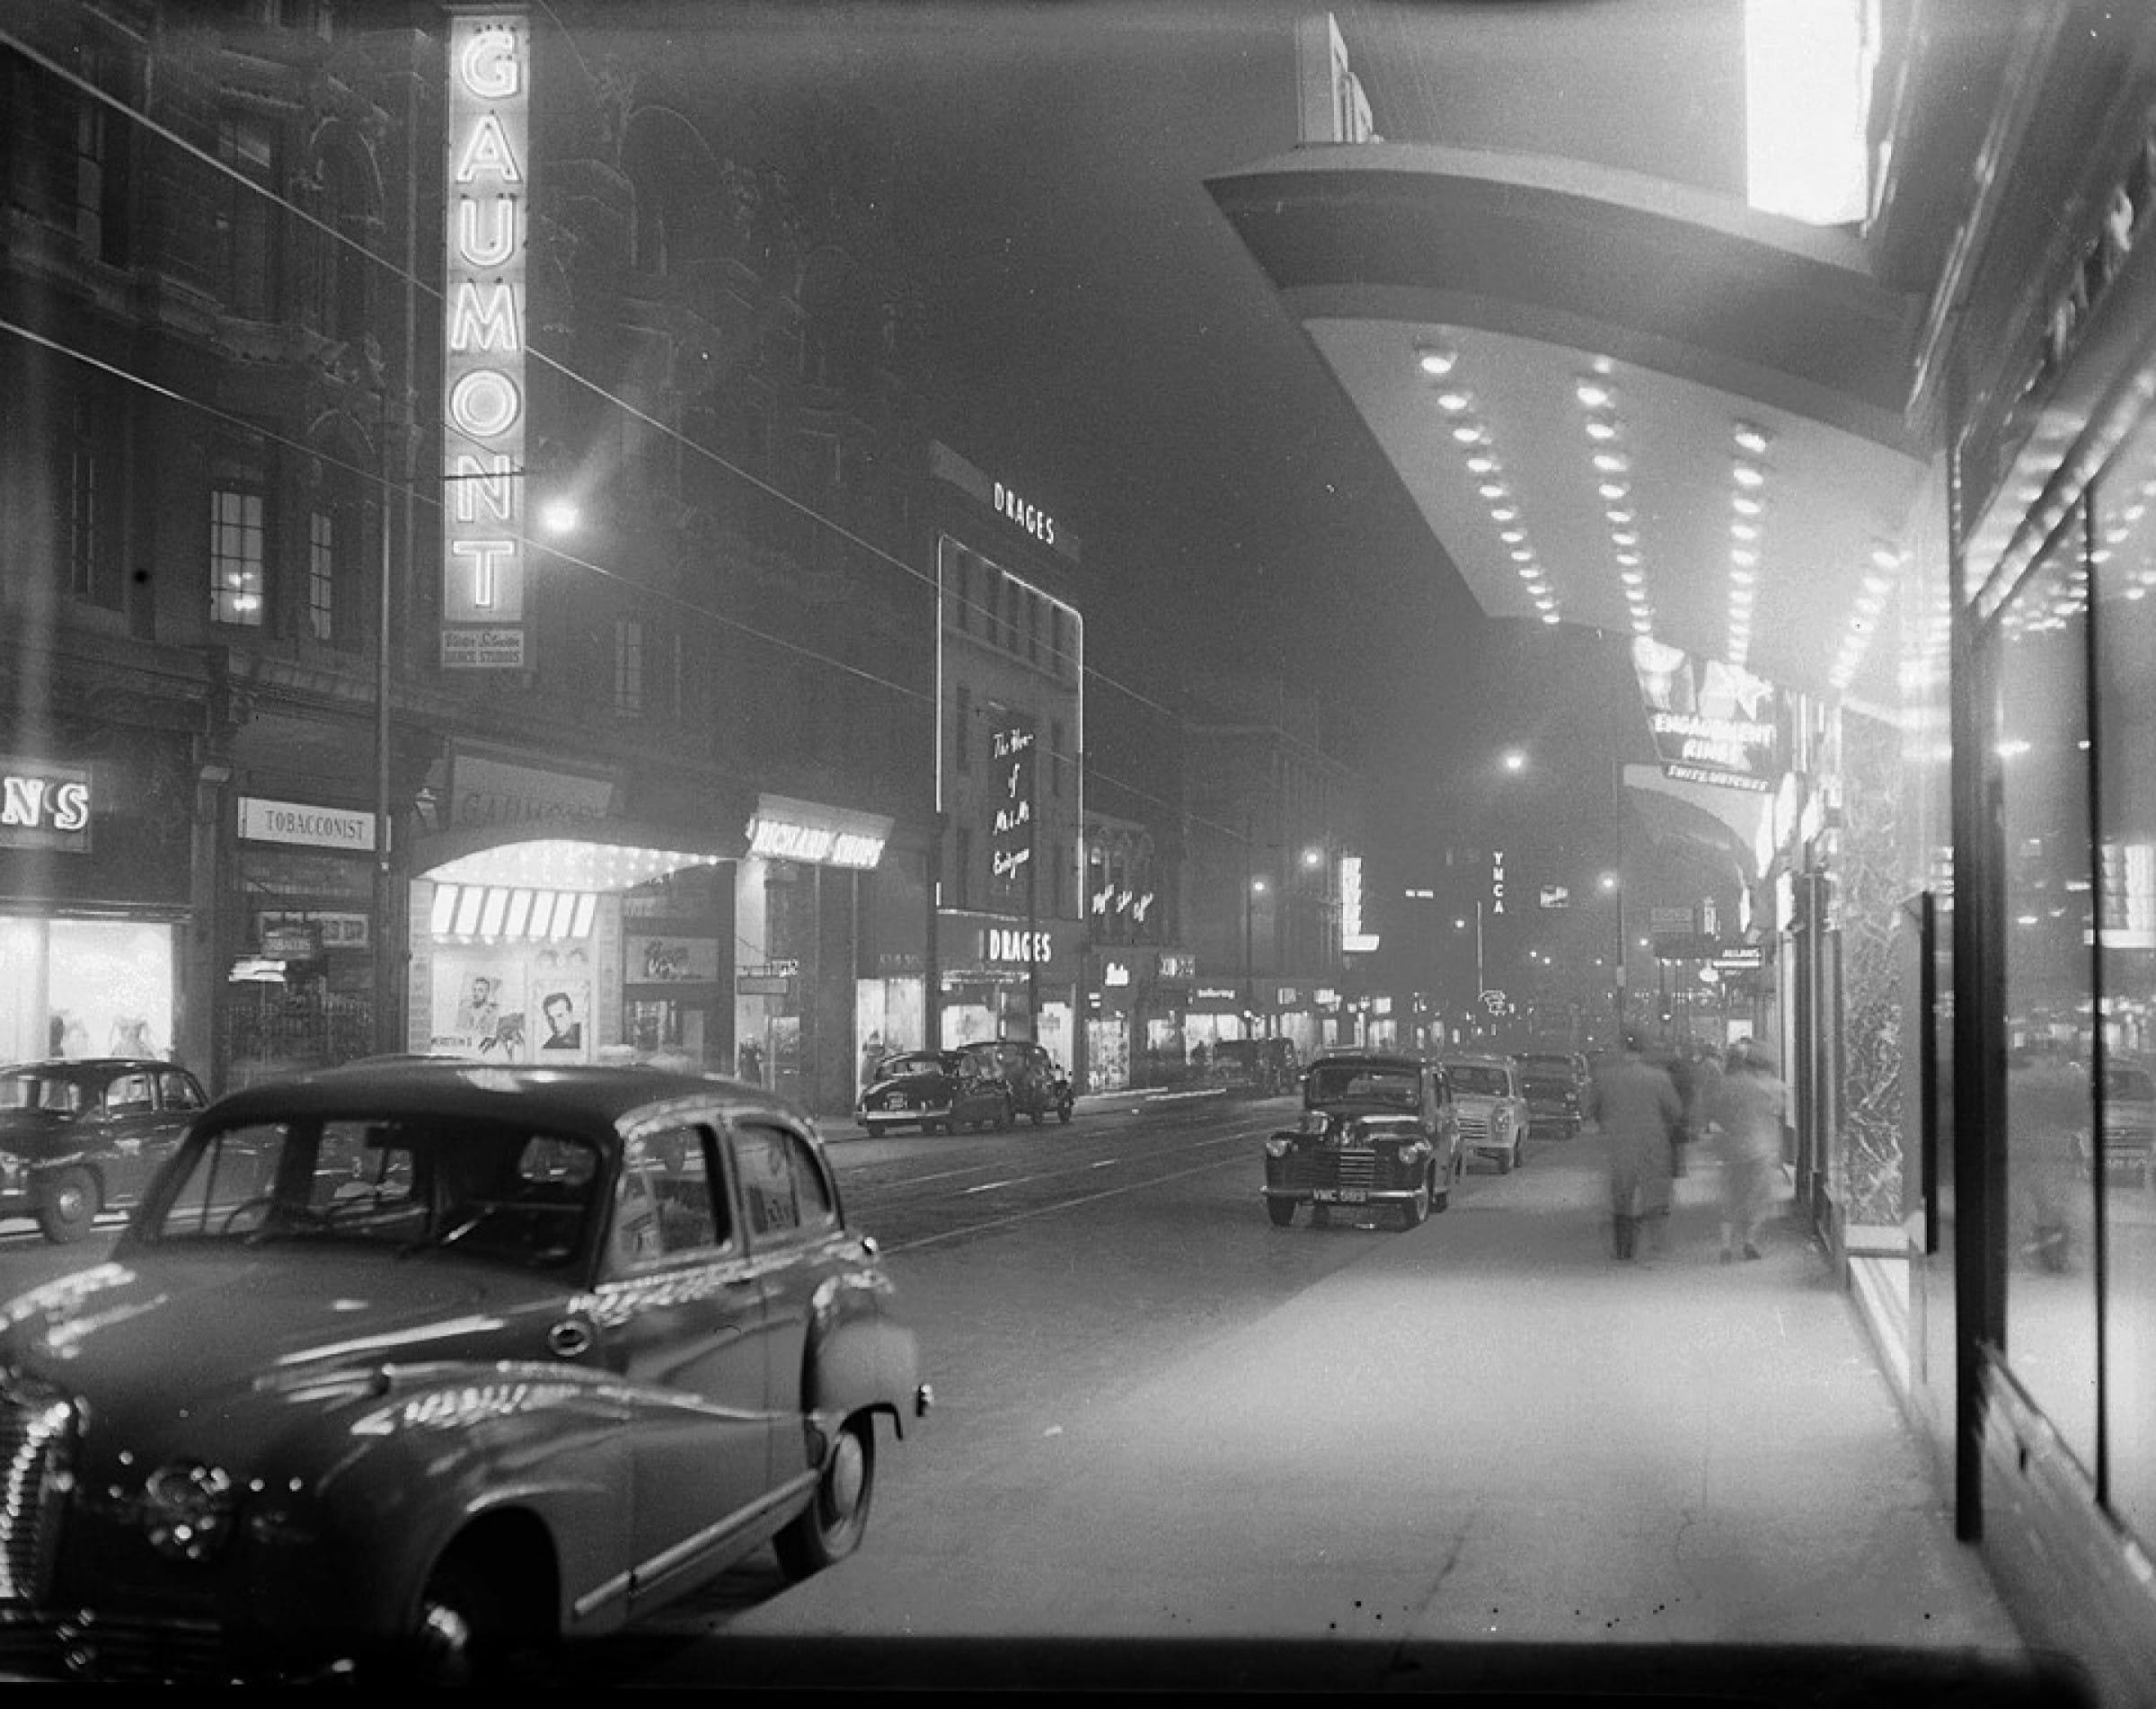 It's a Wonderful Life (Sauchiehall Street, 1954 (Picture: TSPL))